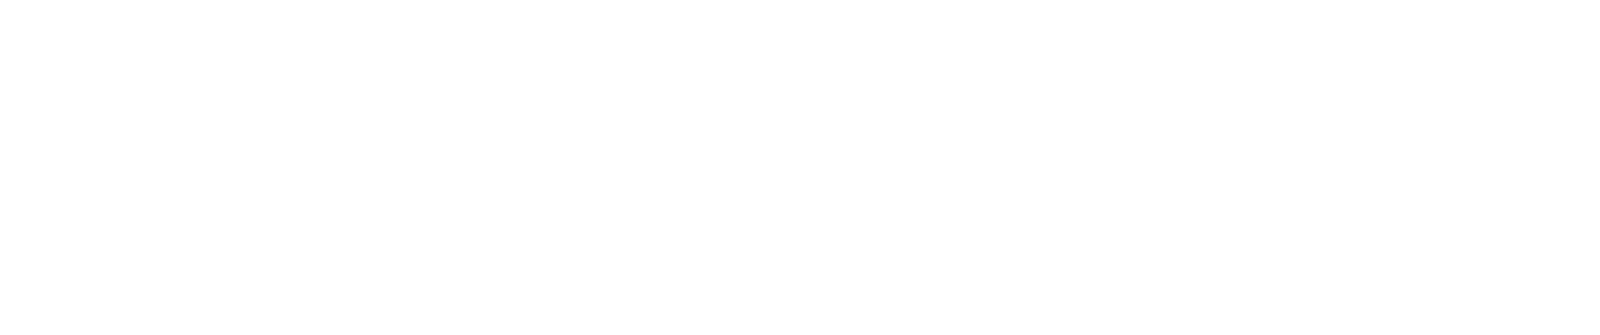 Aquatime